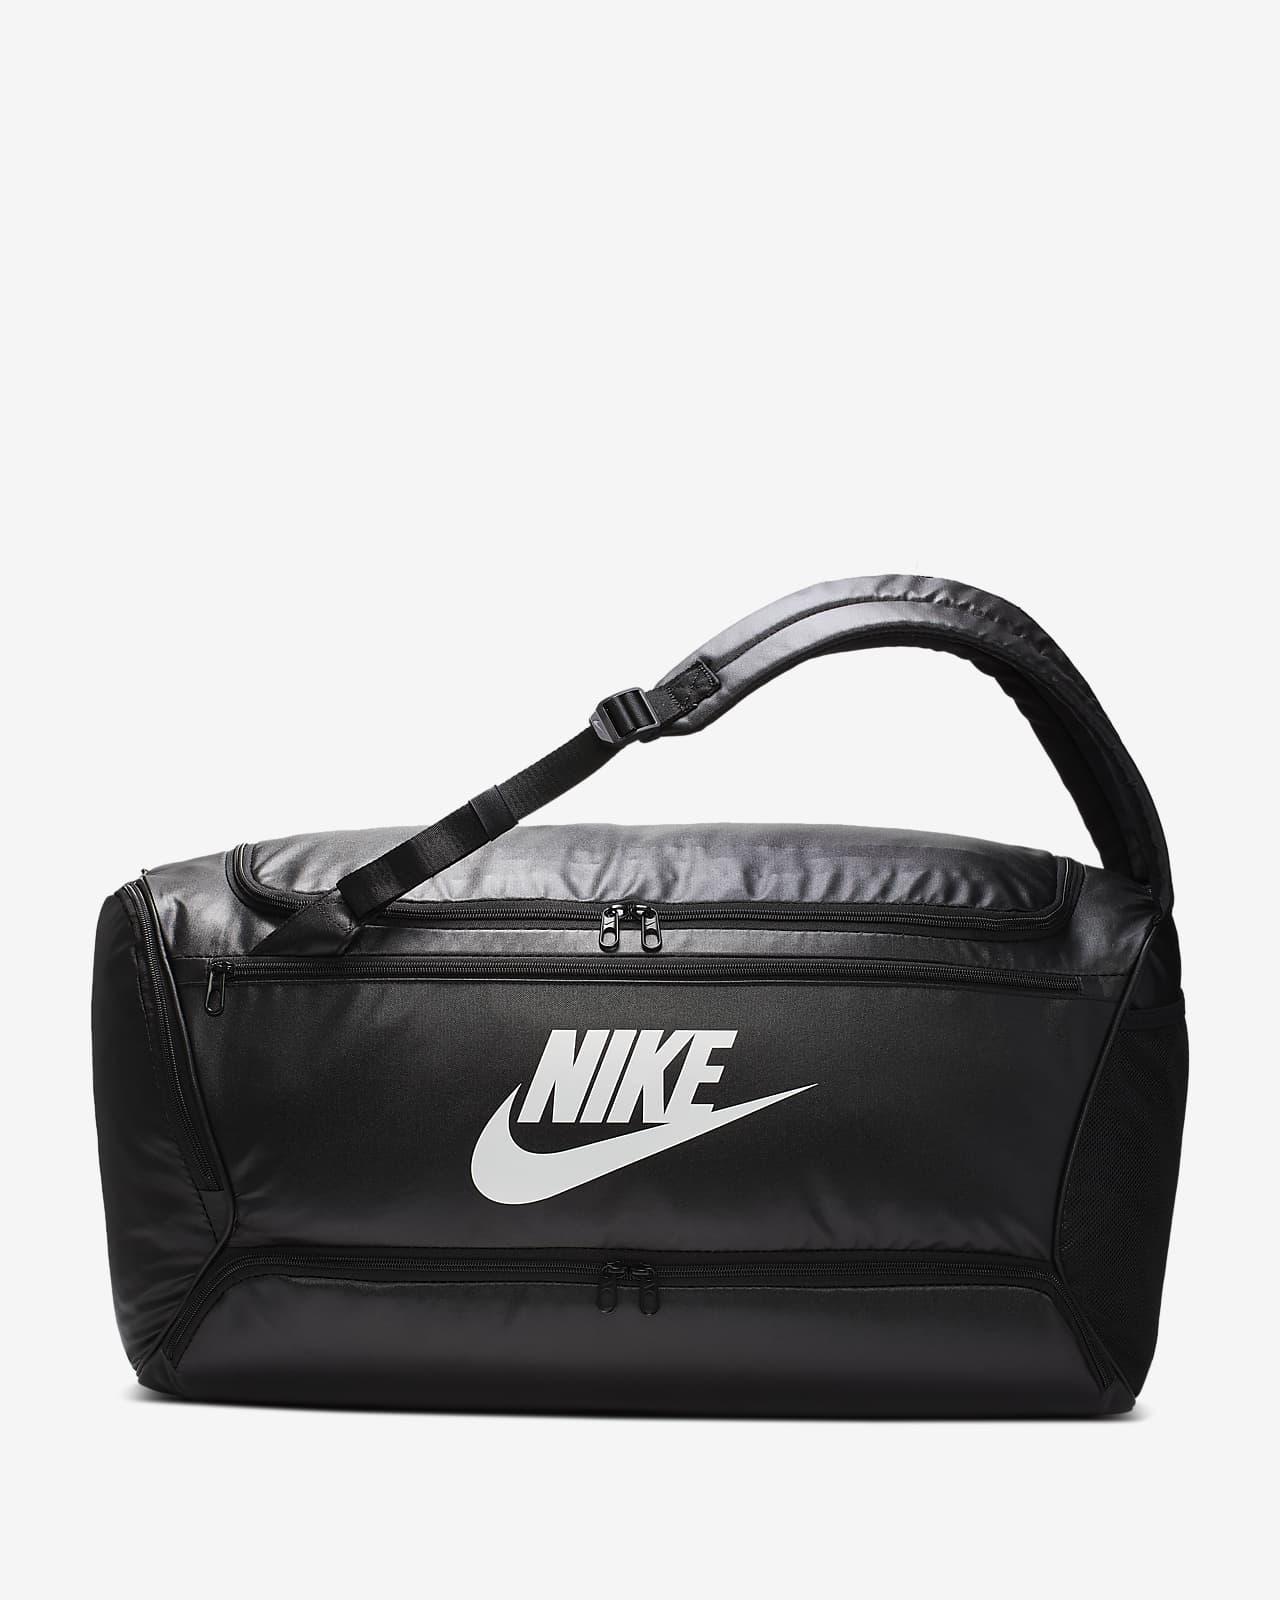 ナイキ ブラジリア トレーニング コンバーチブル ダッフルバッグ/バックパック